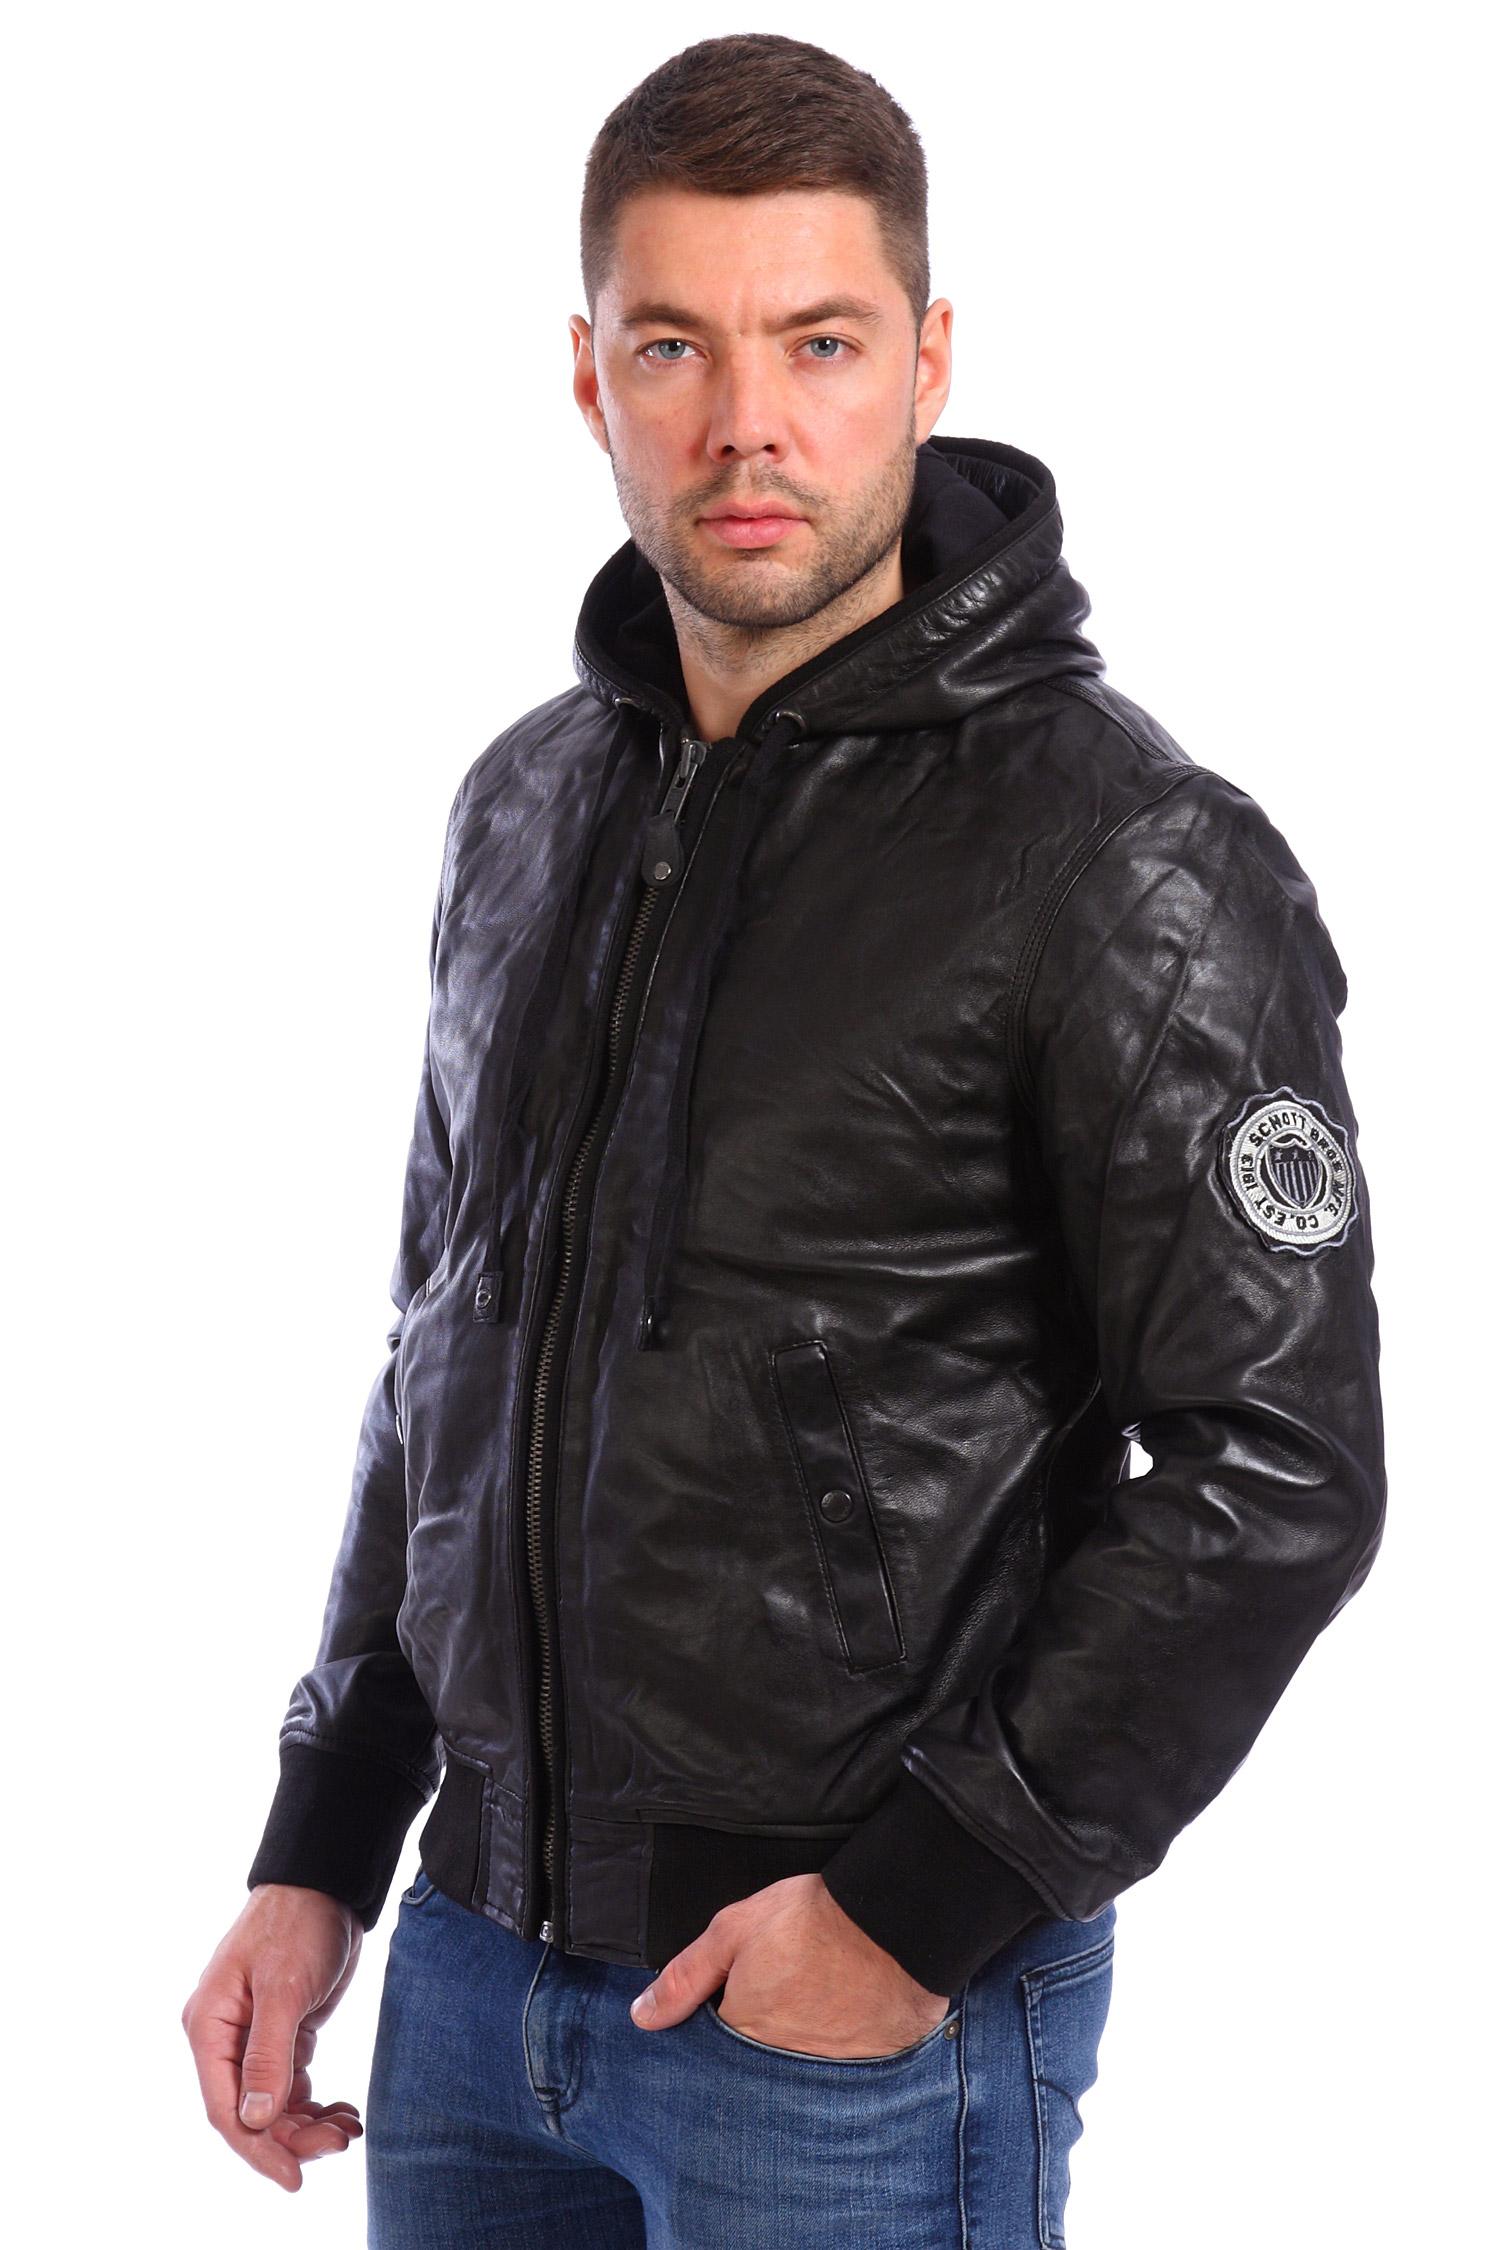 Мужская кожаная куртка из натуральной кожи утепленная с капюшоном, отделка текстиль<br><br>Воротник: капюшон<br>Длина см: Короткая (51-74 )<br>Материал: Кожа овчина<br>Цвет: черный<br>Вид застежки: центральная<br>Застежка: на молнии<br>Пол: Мужской<br>Размер RU: 50